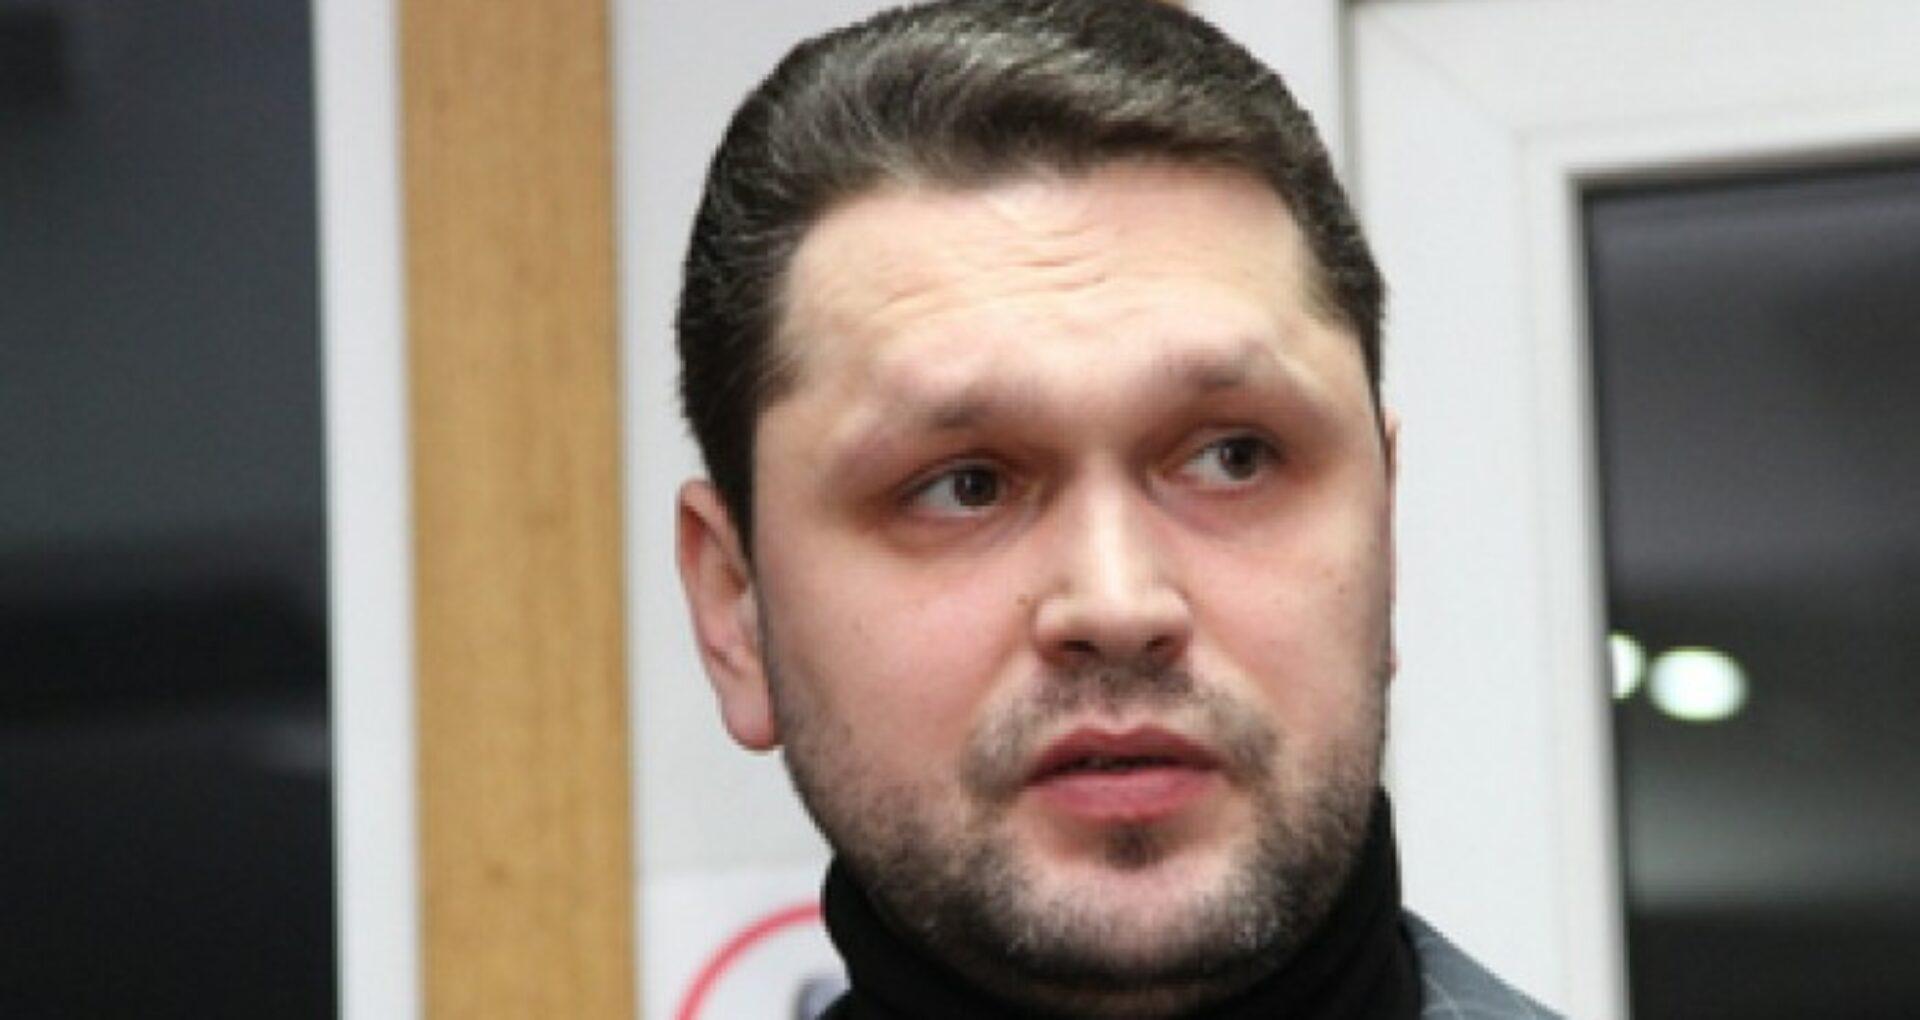 Câștigătorul concursului pentru fotoliul de șef al CNA, responsabil de condamnarea Moldovei la CtEDO și cu soacră în partid